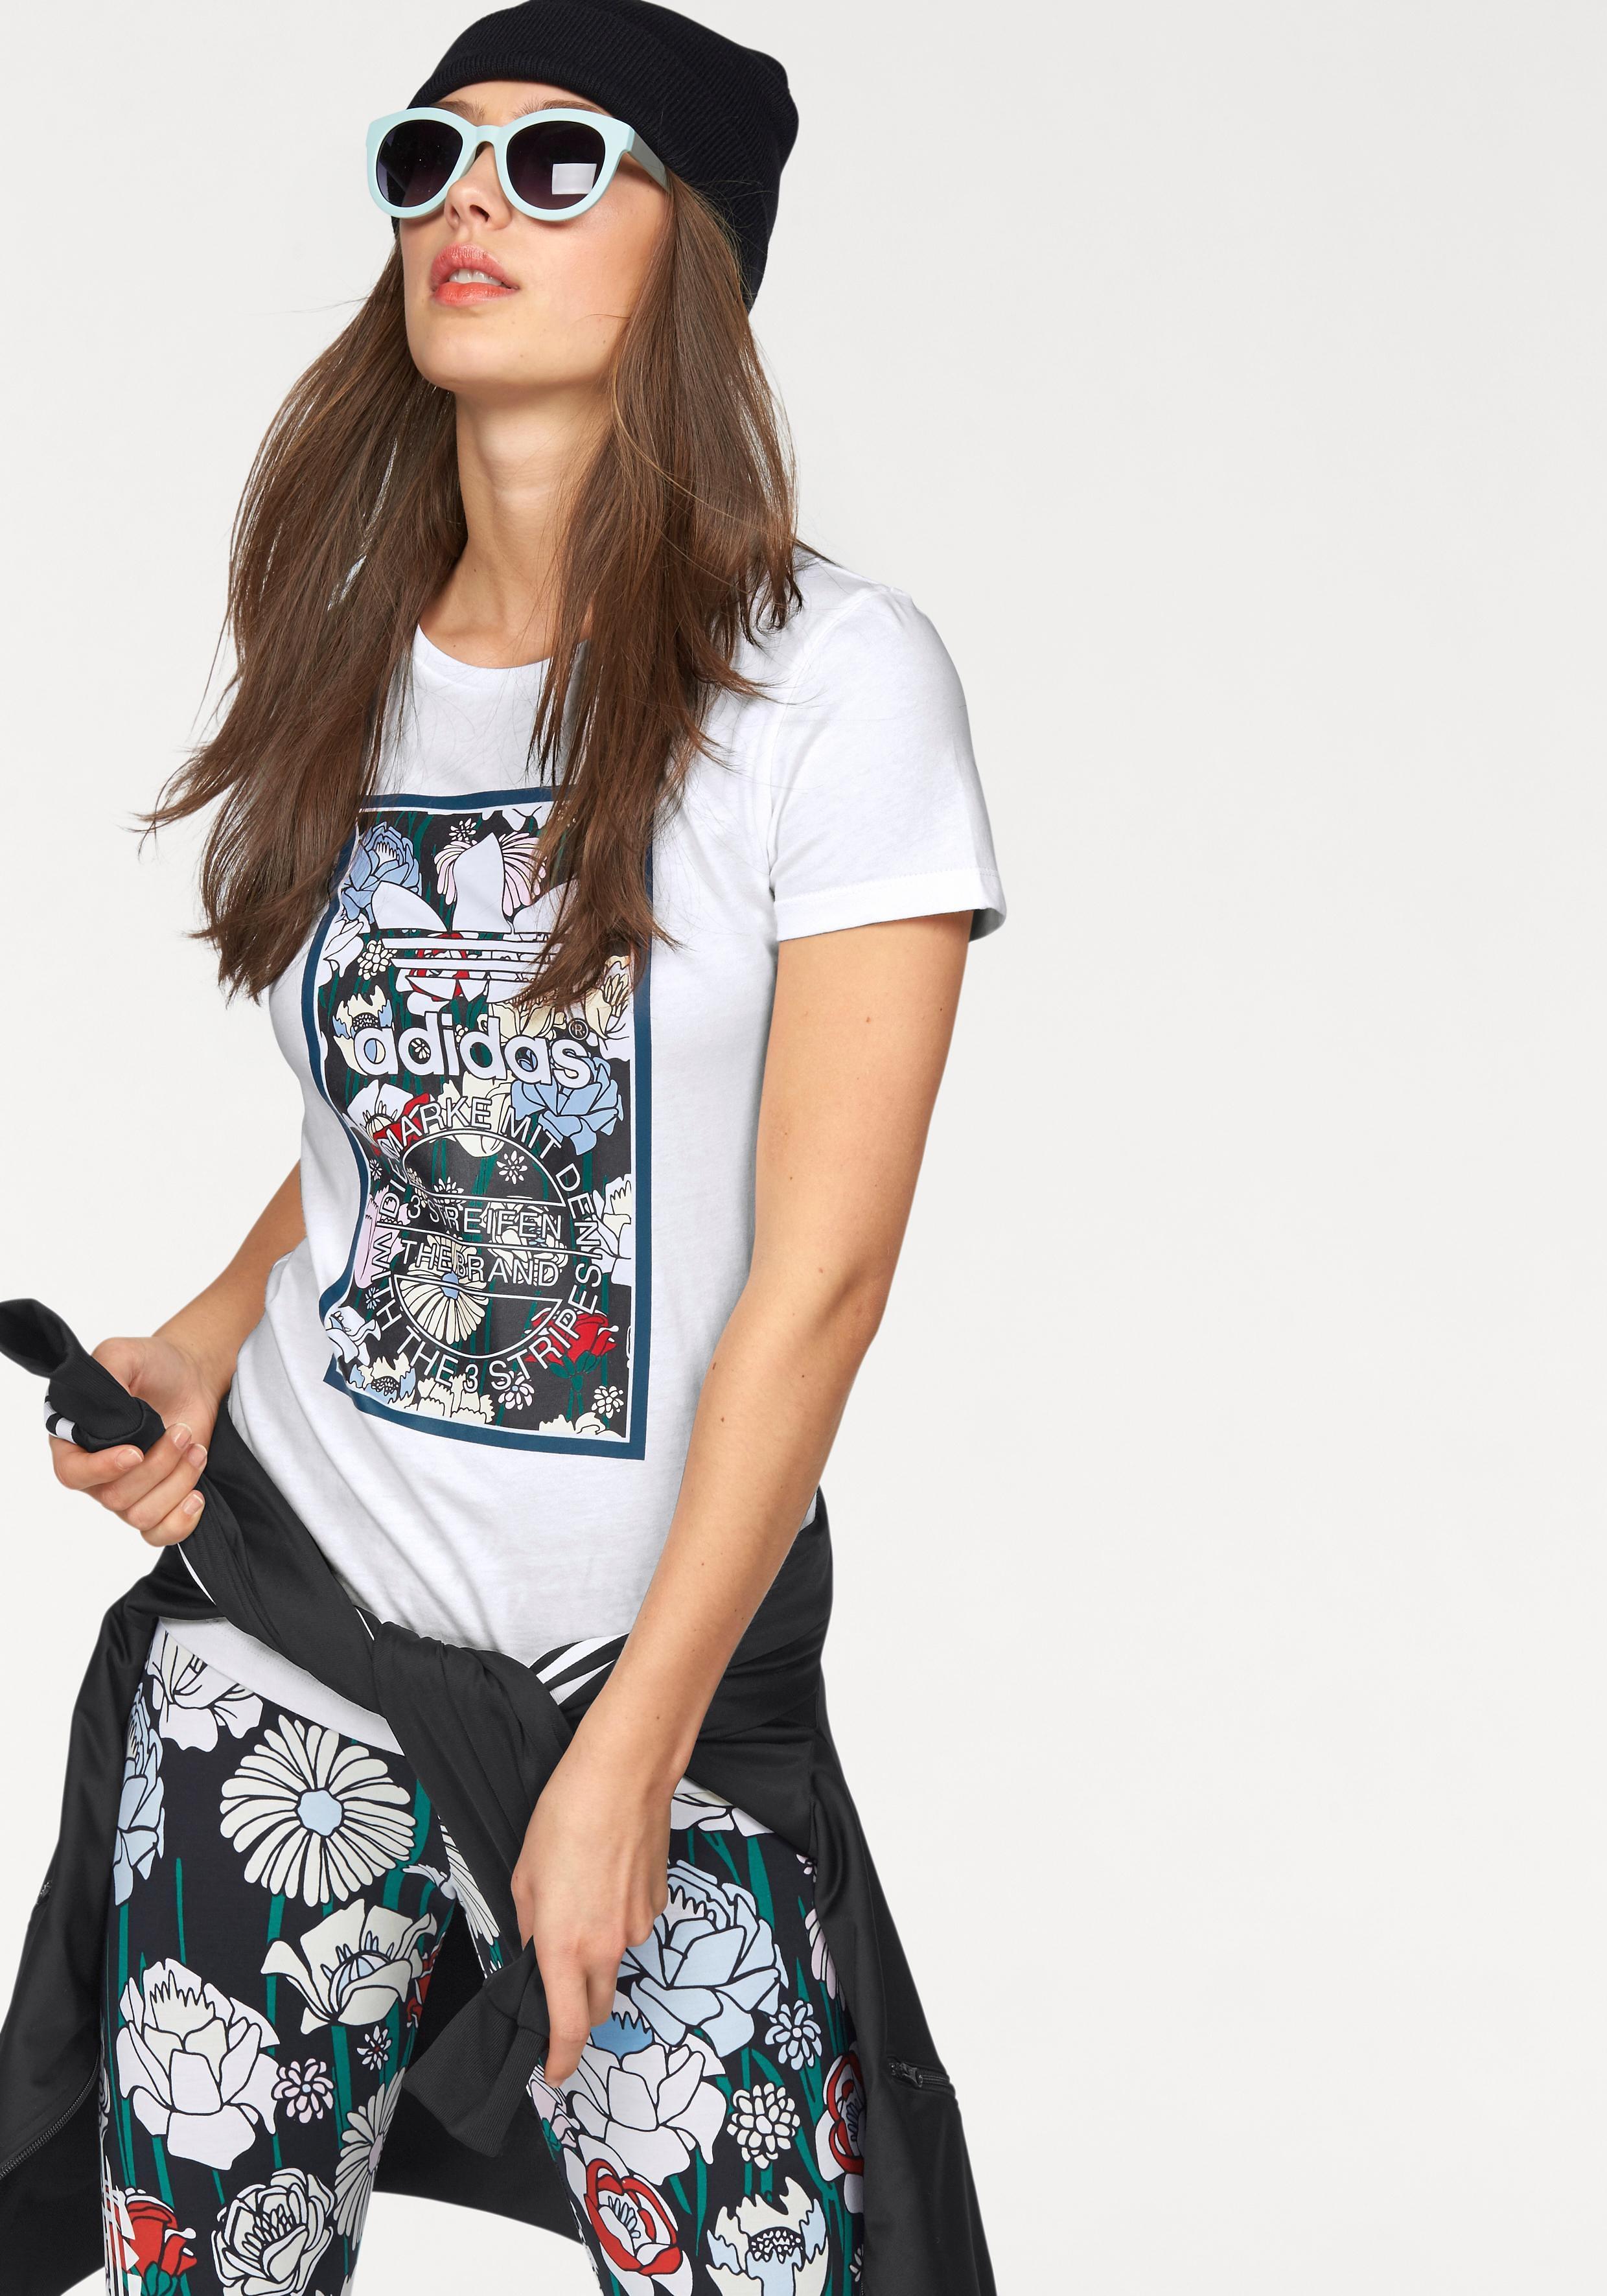 adidas Originals T-shirt voordelig en veilig online kopen